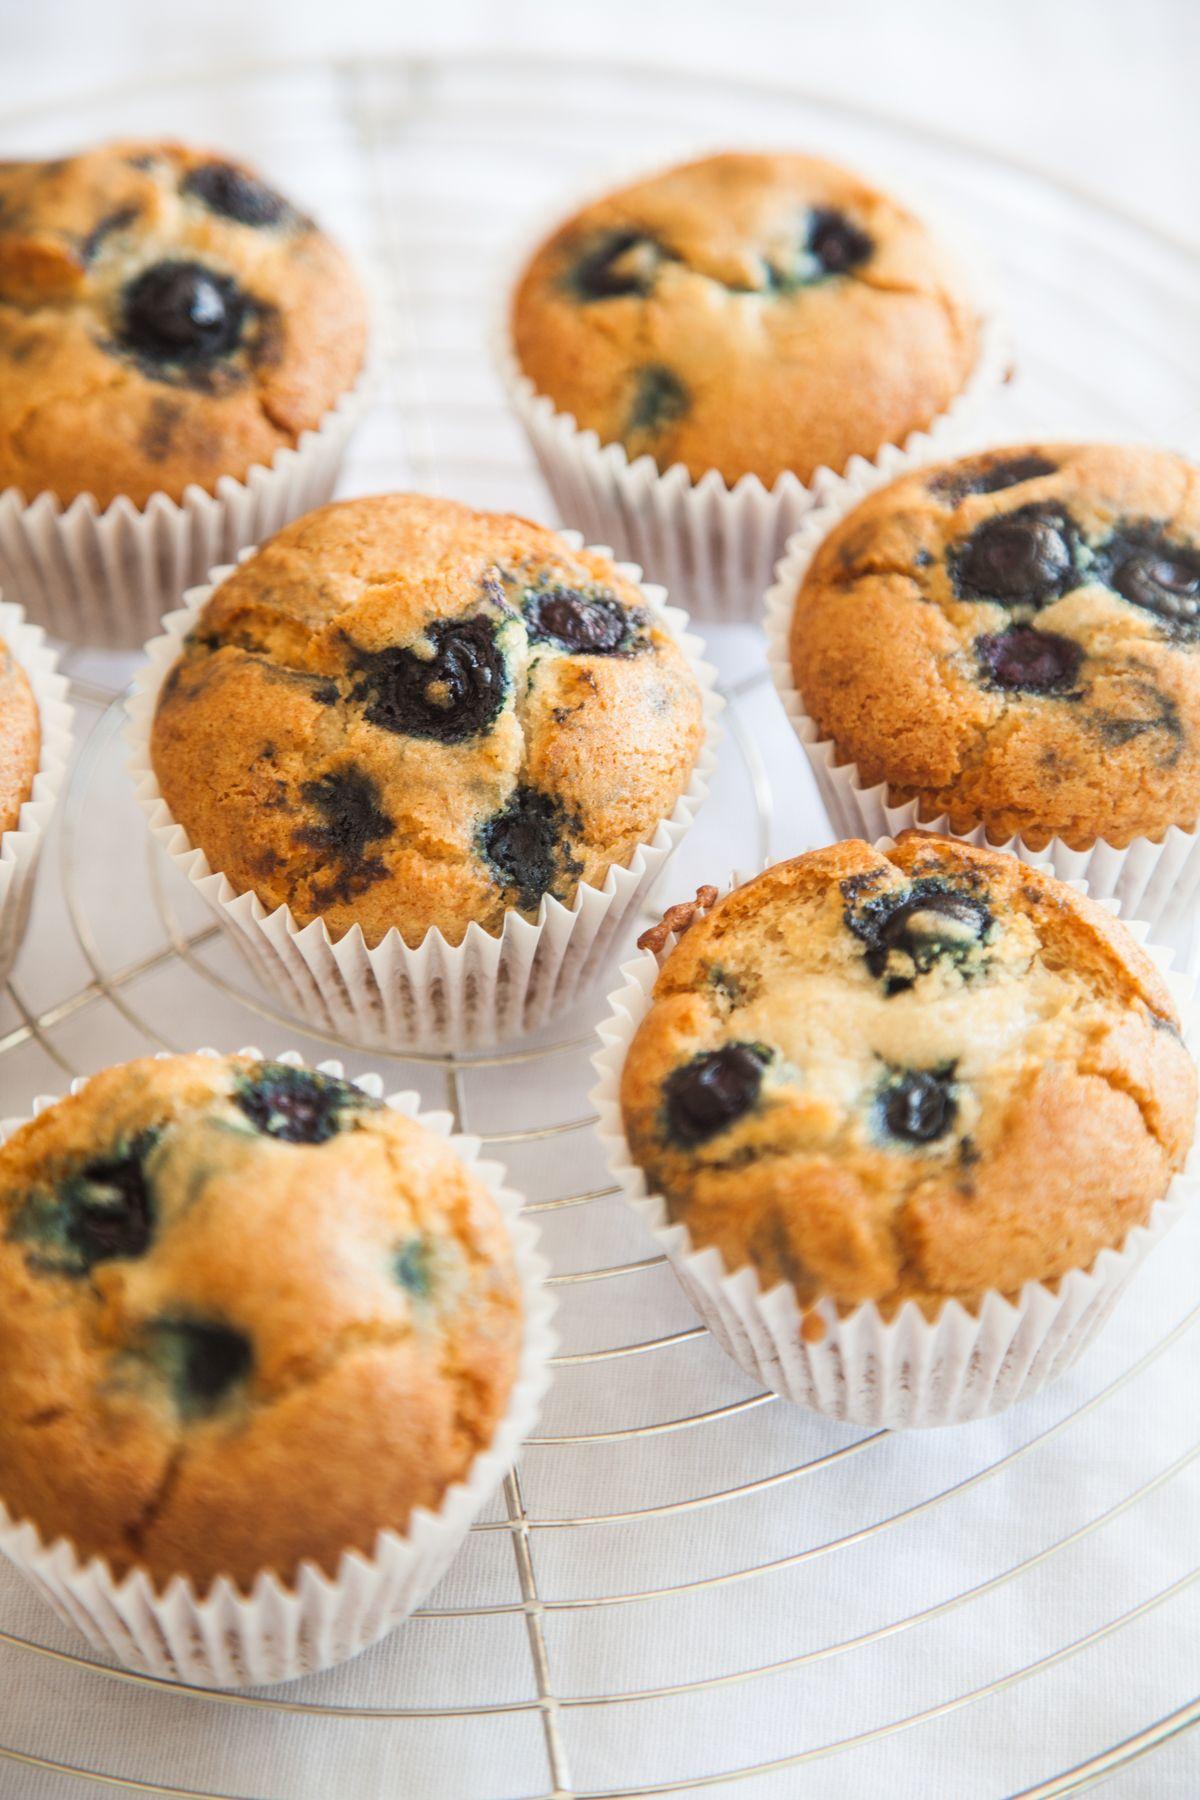 Gluten Free Vegan Blueberry Muffins Recipe Gluten Free